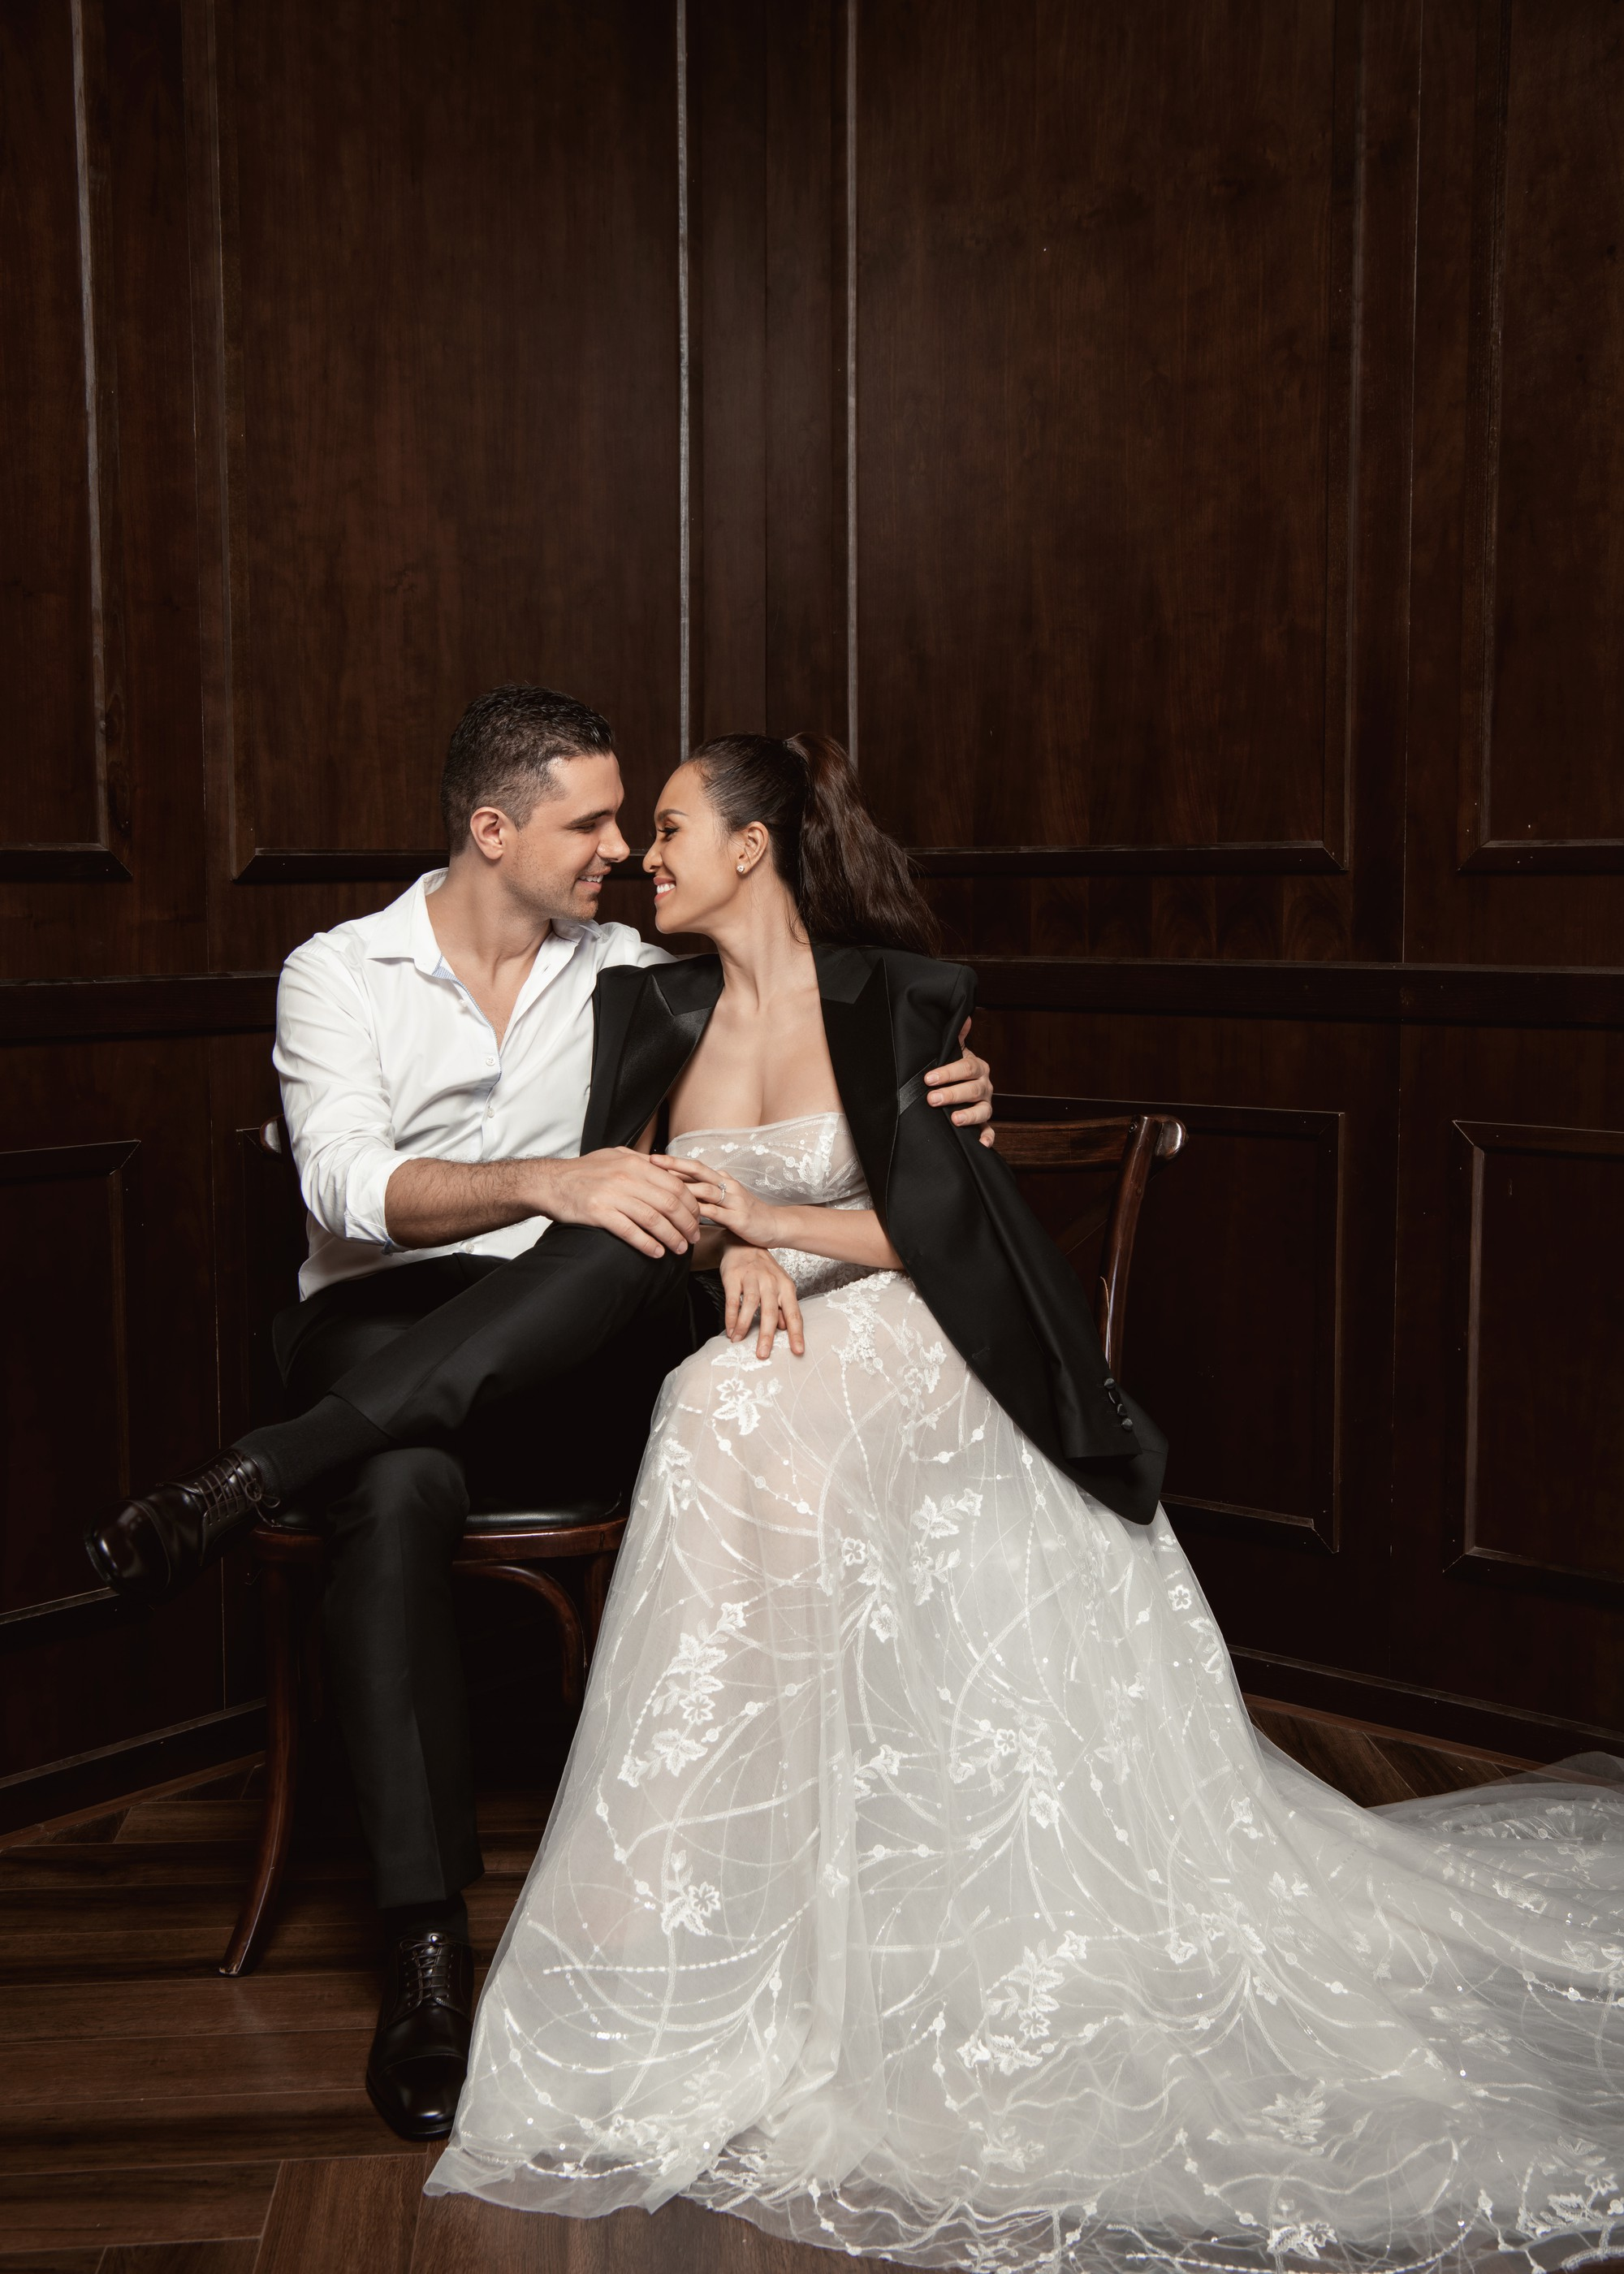 Trọn bộ ảnh cưới ngọt ngào đến tan chảy của Phương Mai và chồng Tây đẹp trai như tài tử - Ảnh 15.